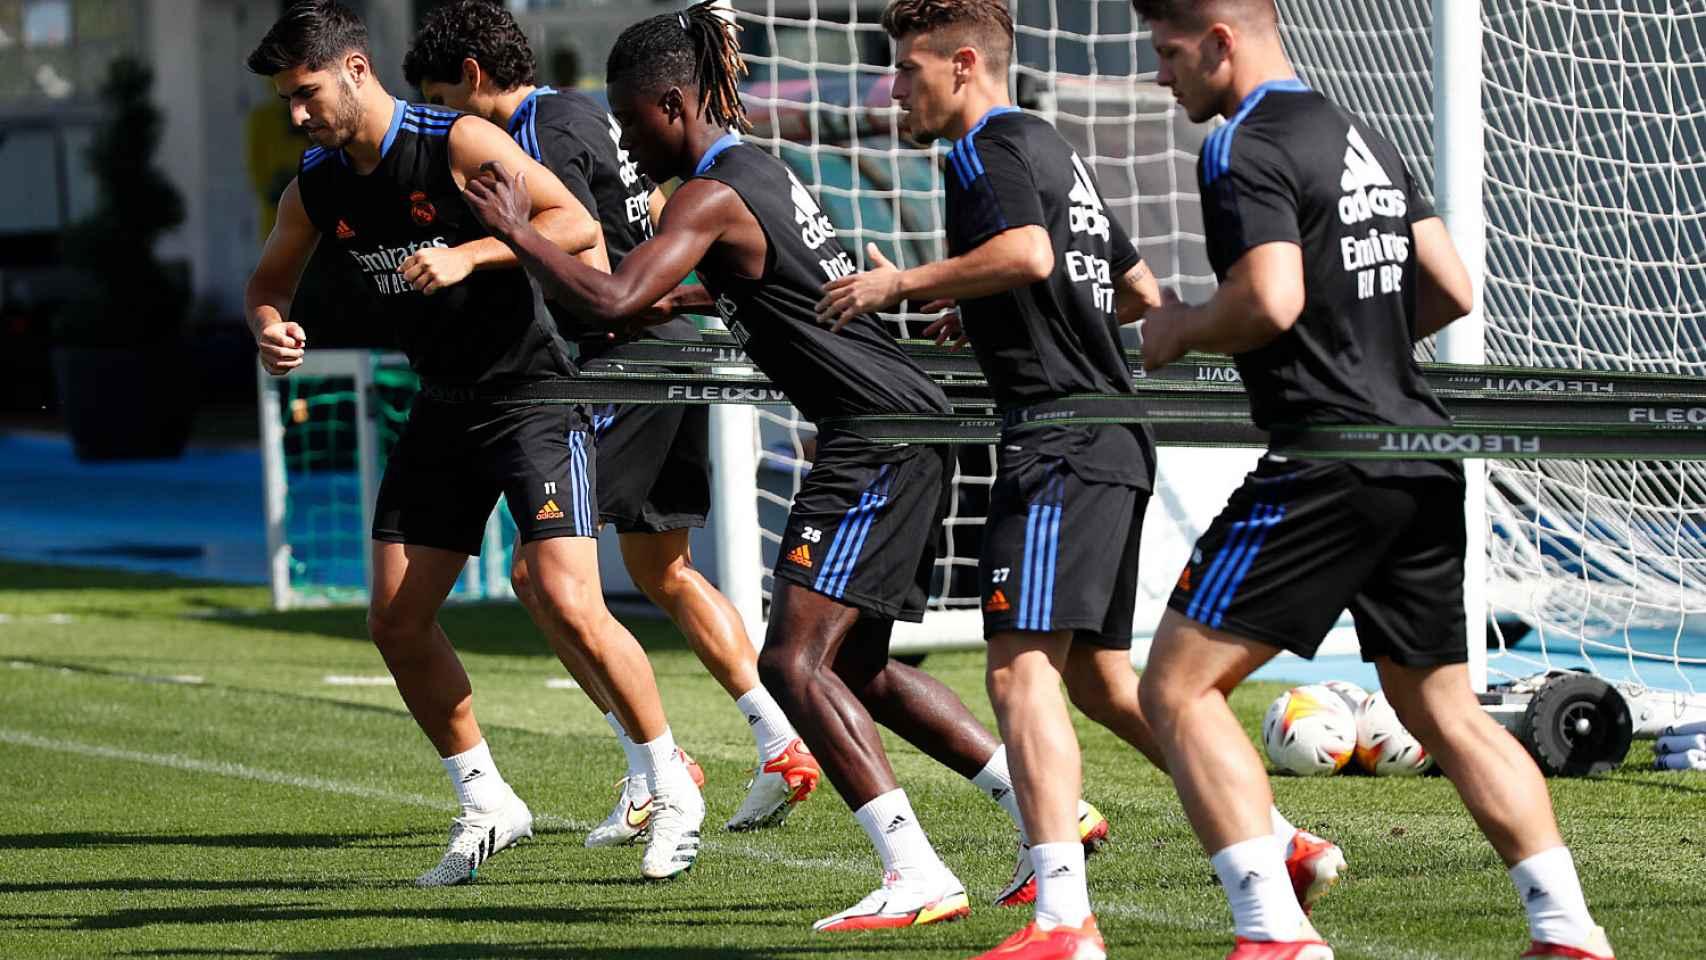 Jesús Vallejo, Marco Asensio, Eduardo Camavinga, Antoonio Blanco y Luka Jovic, durante un entrenamiento del Real Madrid